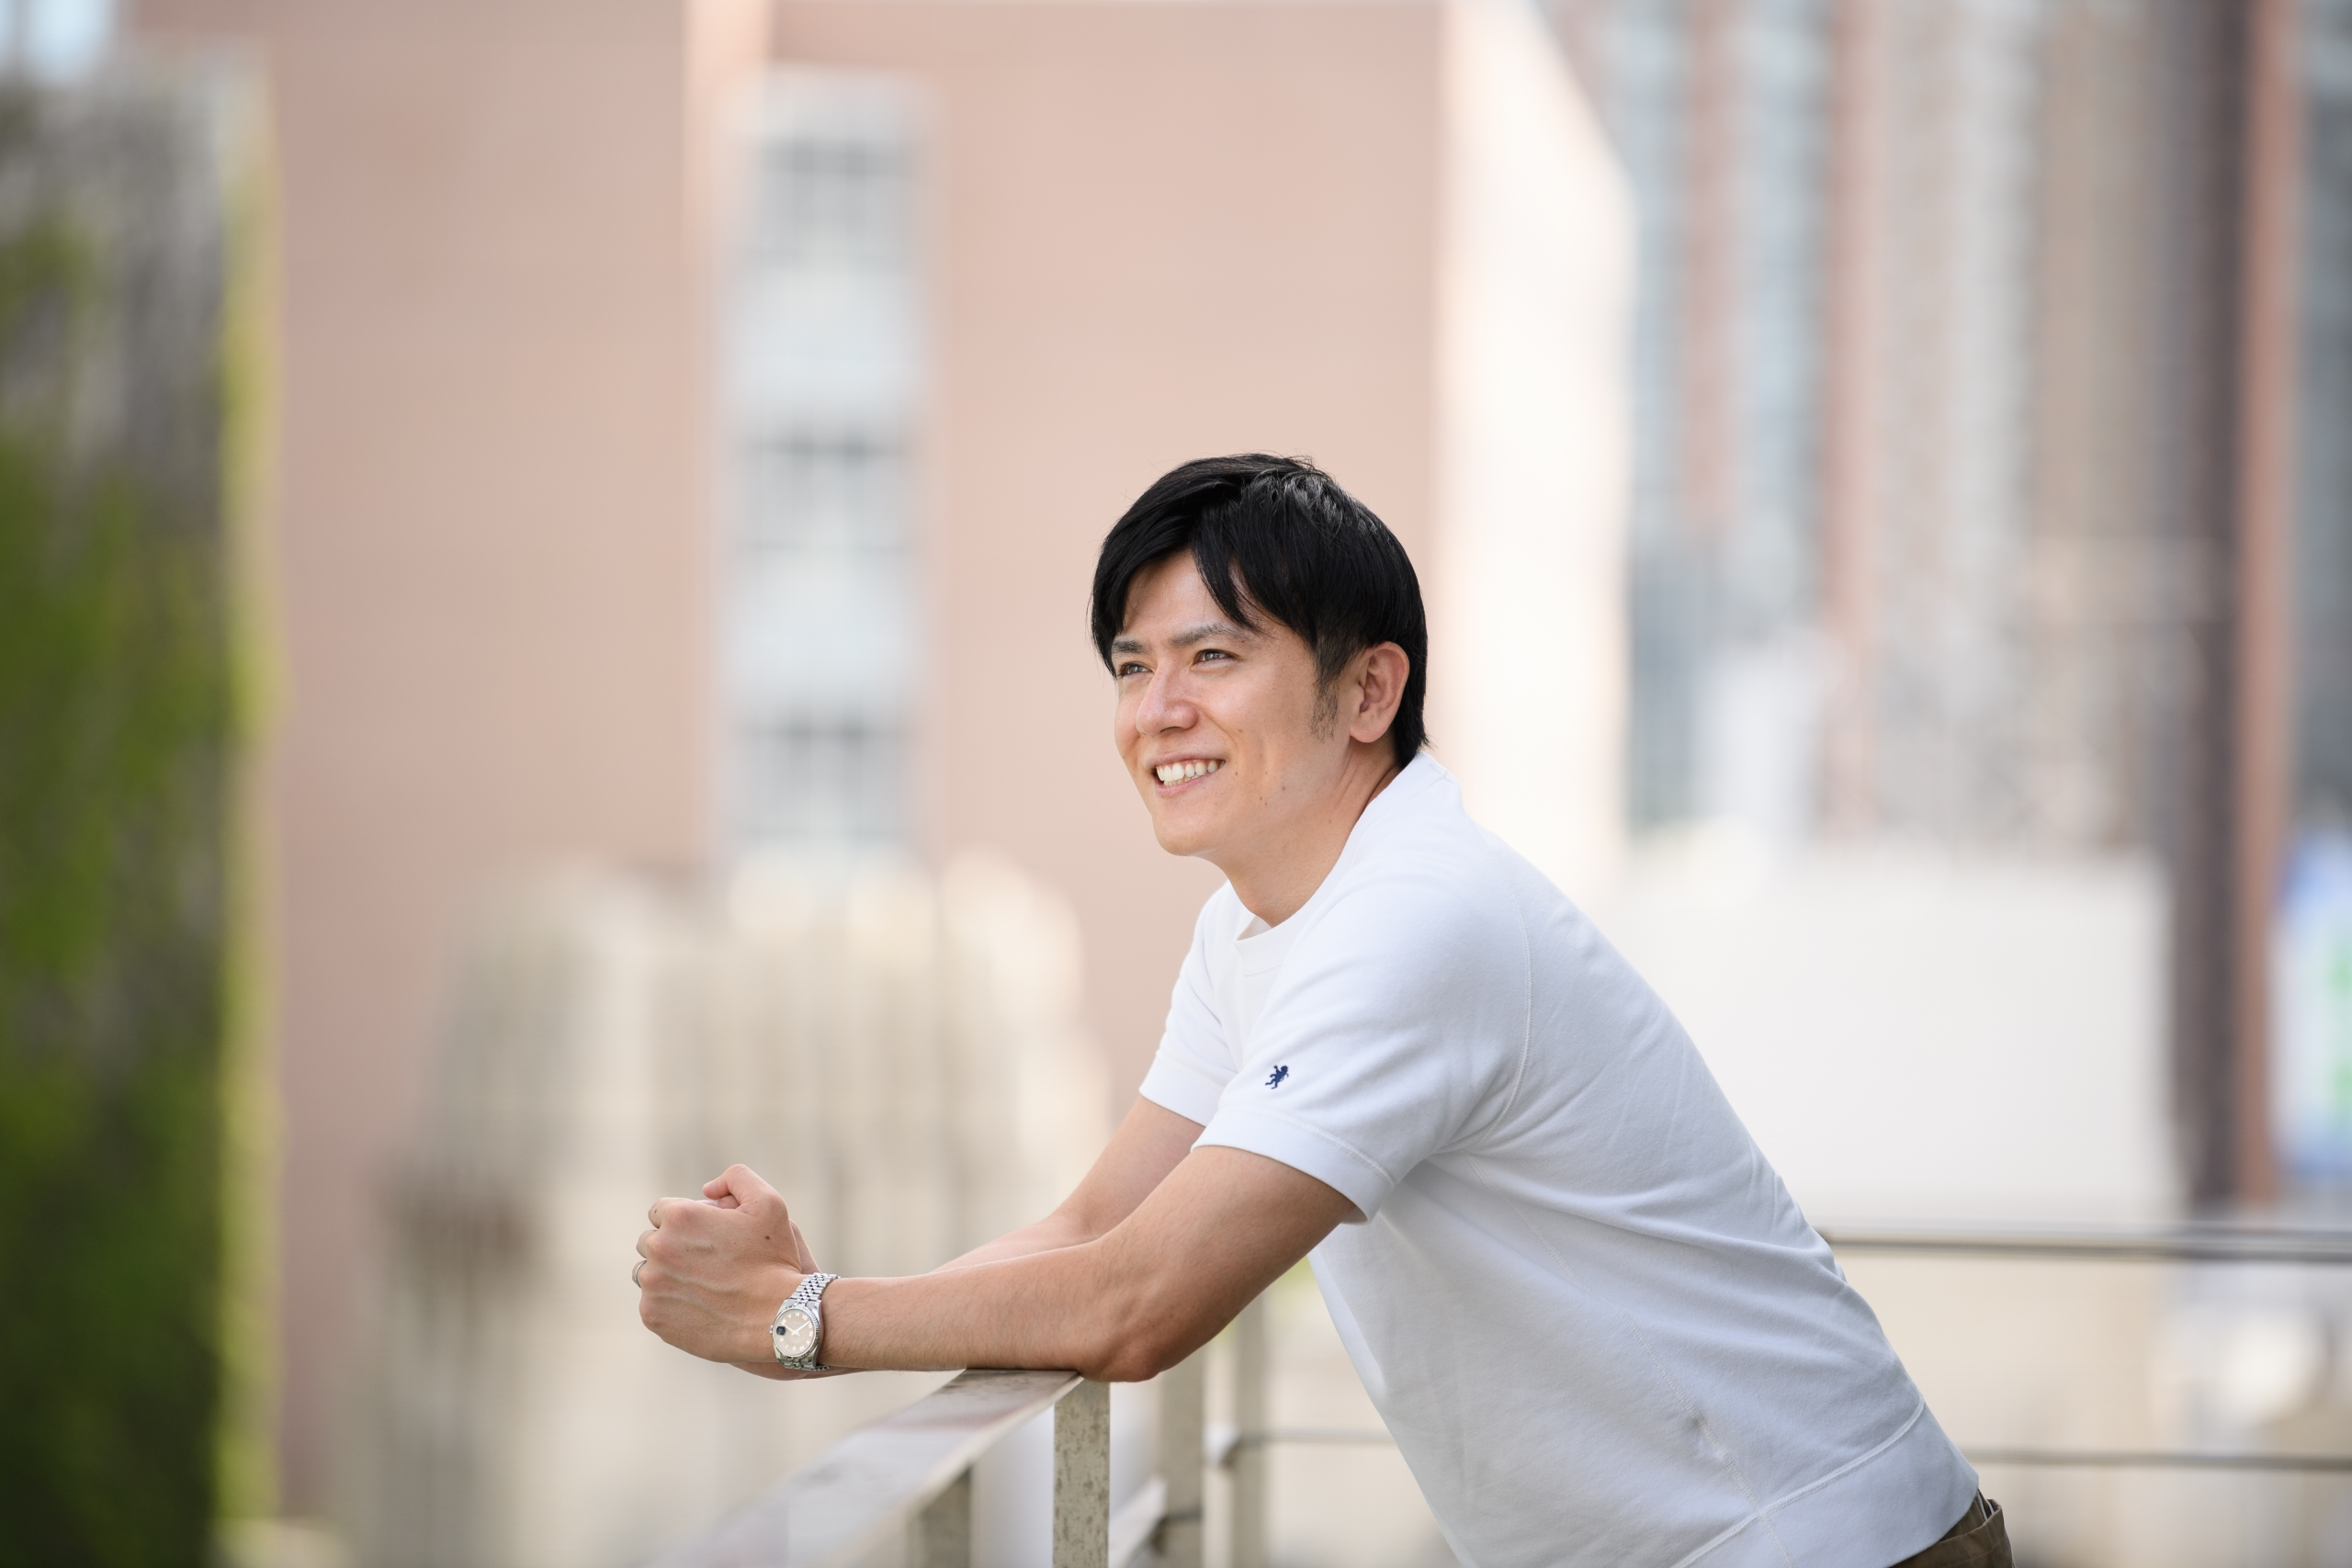 夢は、日本一のイベント司会者。フリーアナウンサー・青木源太さんに聞く「活躍できる場所の見つけ方」